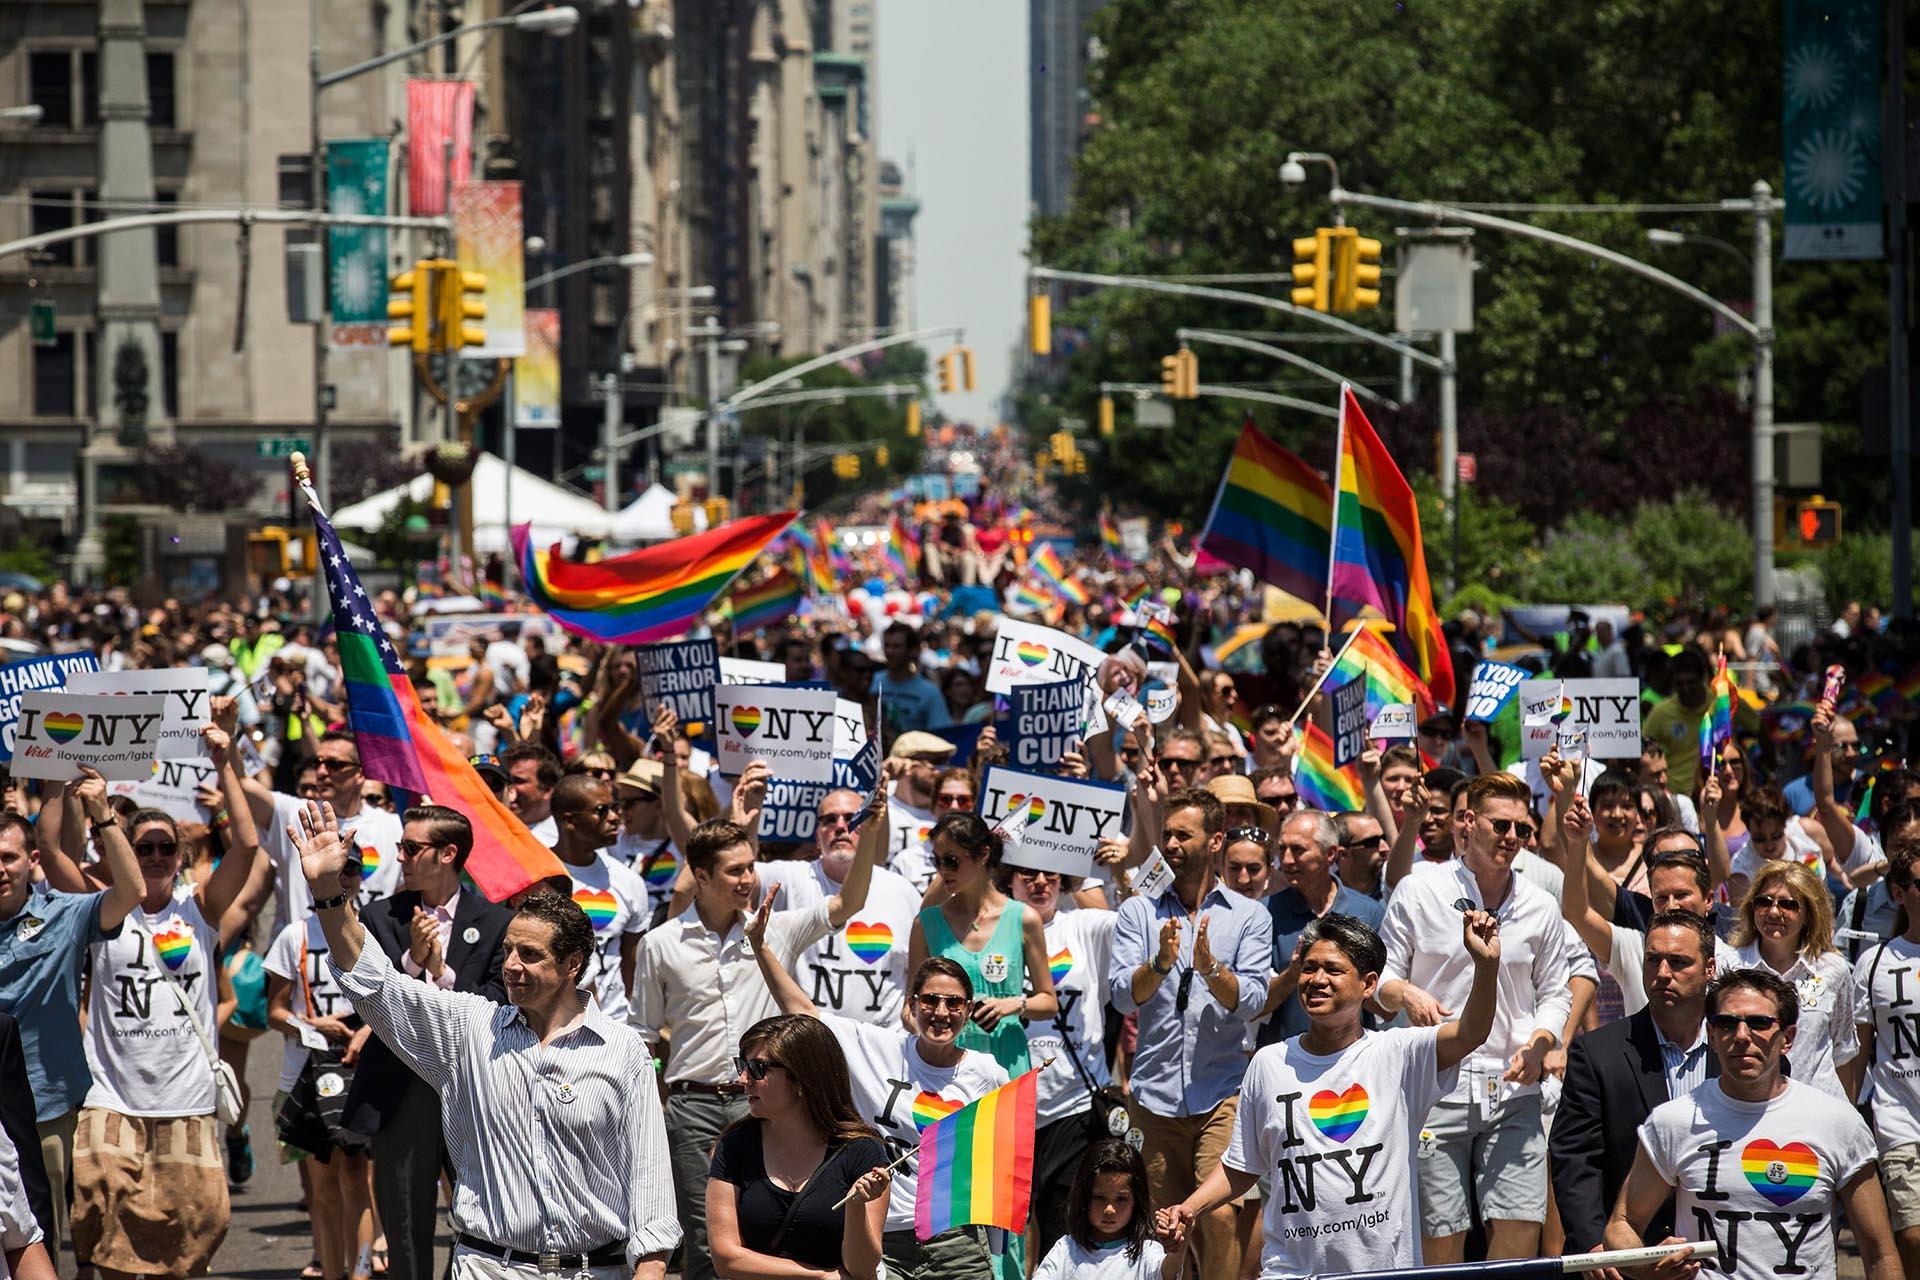 Participantes marchan por la Quinta Avenida en el Desfile del Orgullo de Nueva York el 30 de junio de 2013. El evento de ese año fue una ocasión particularmente festiva, debido a la reciente decisión de la Corte Suprema de que era inconstitucional prohibir el matrimonio gay.